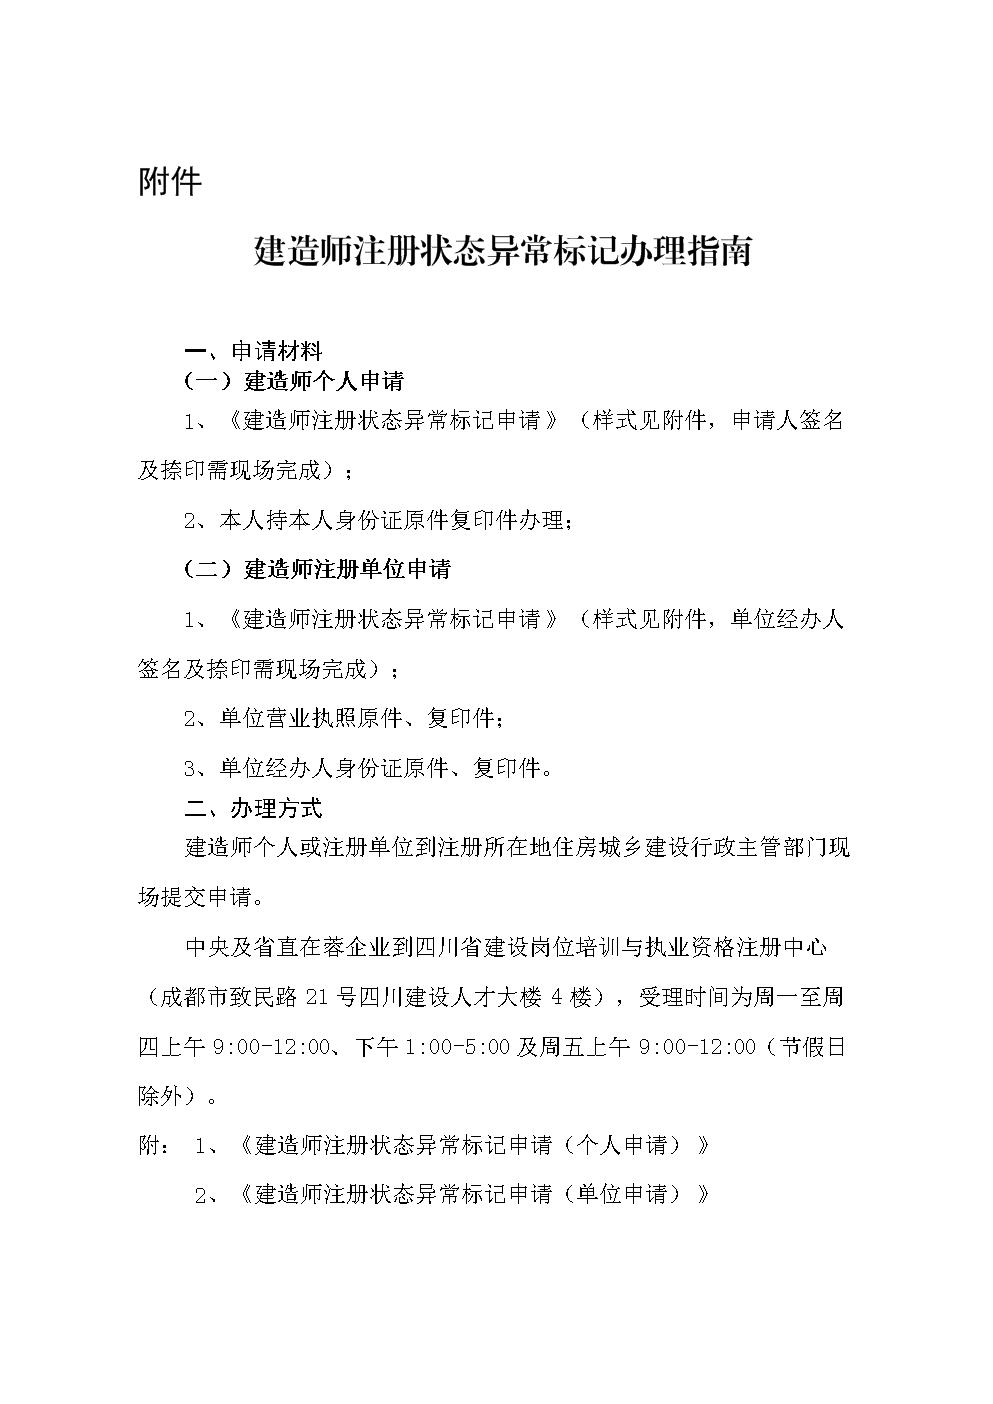 建造师注册状态异常标记办理指南.doc